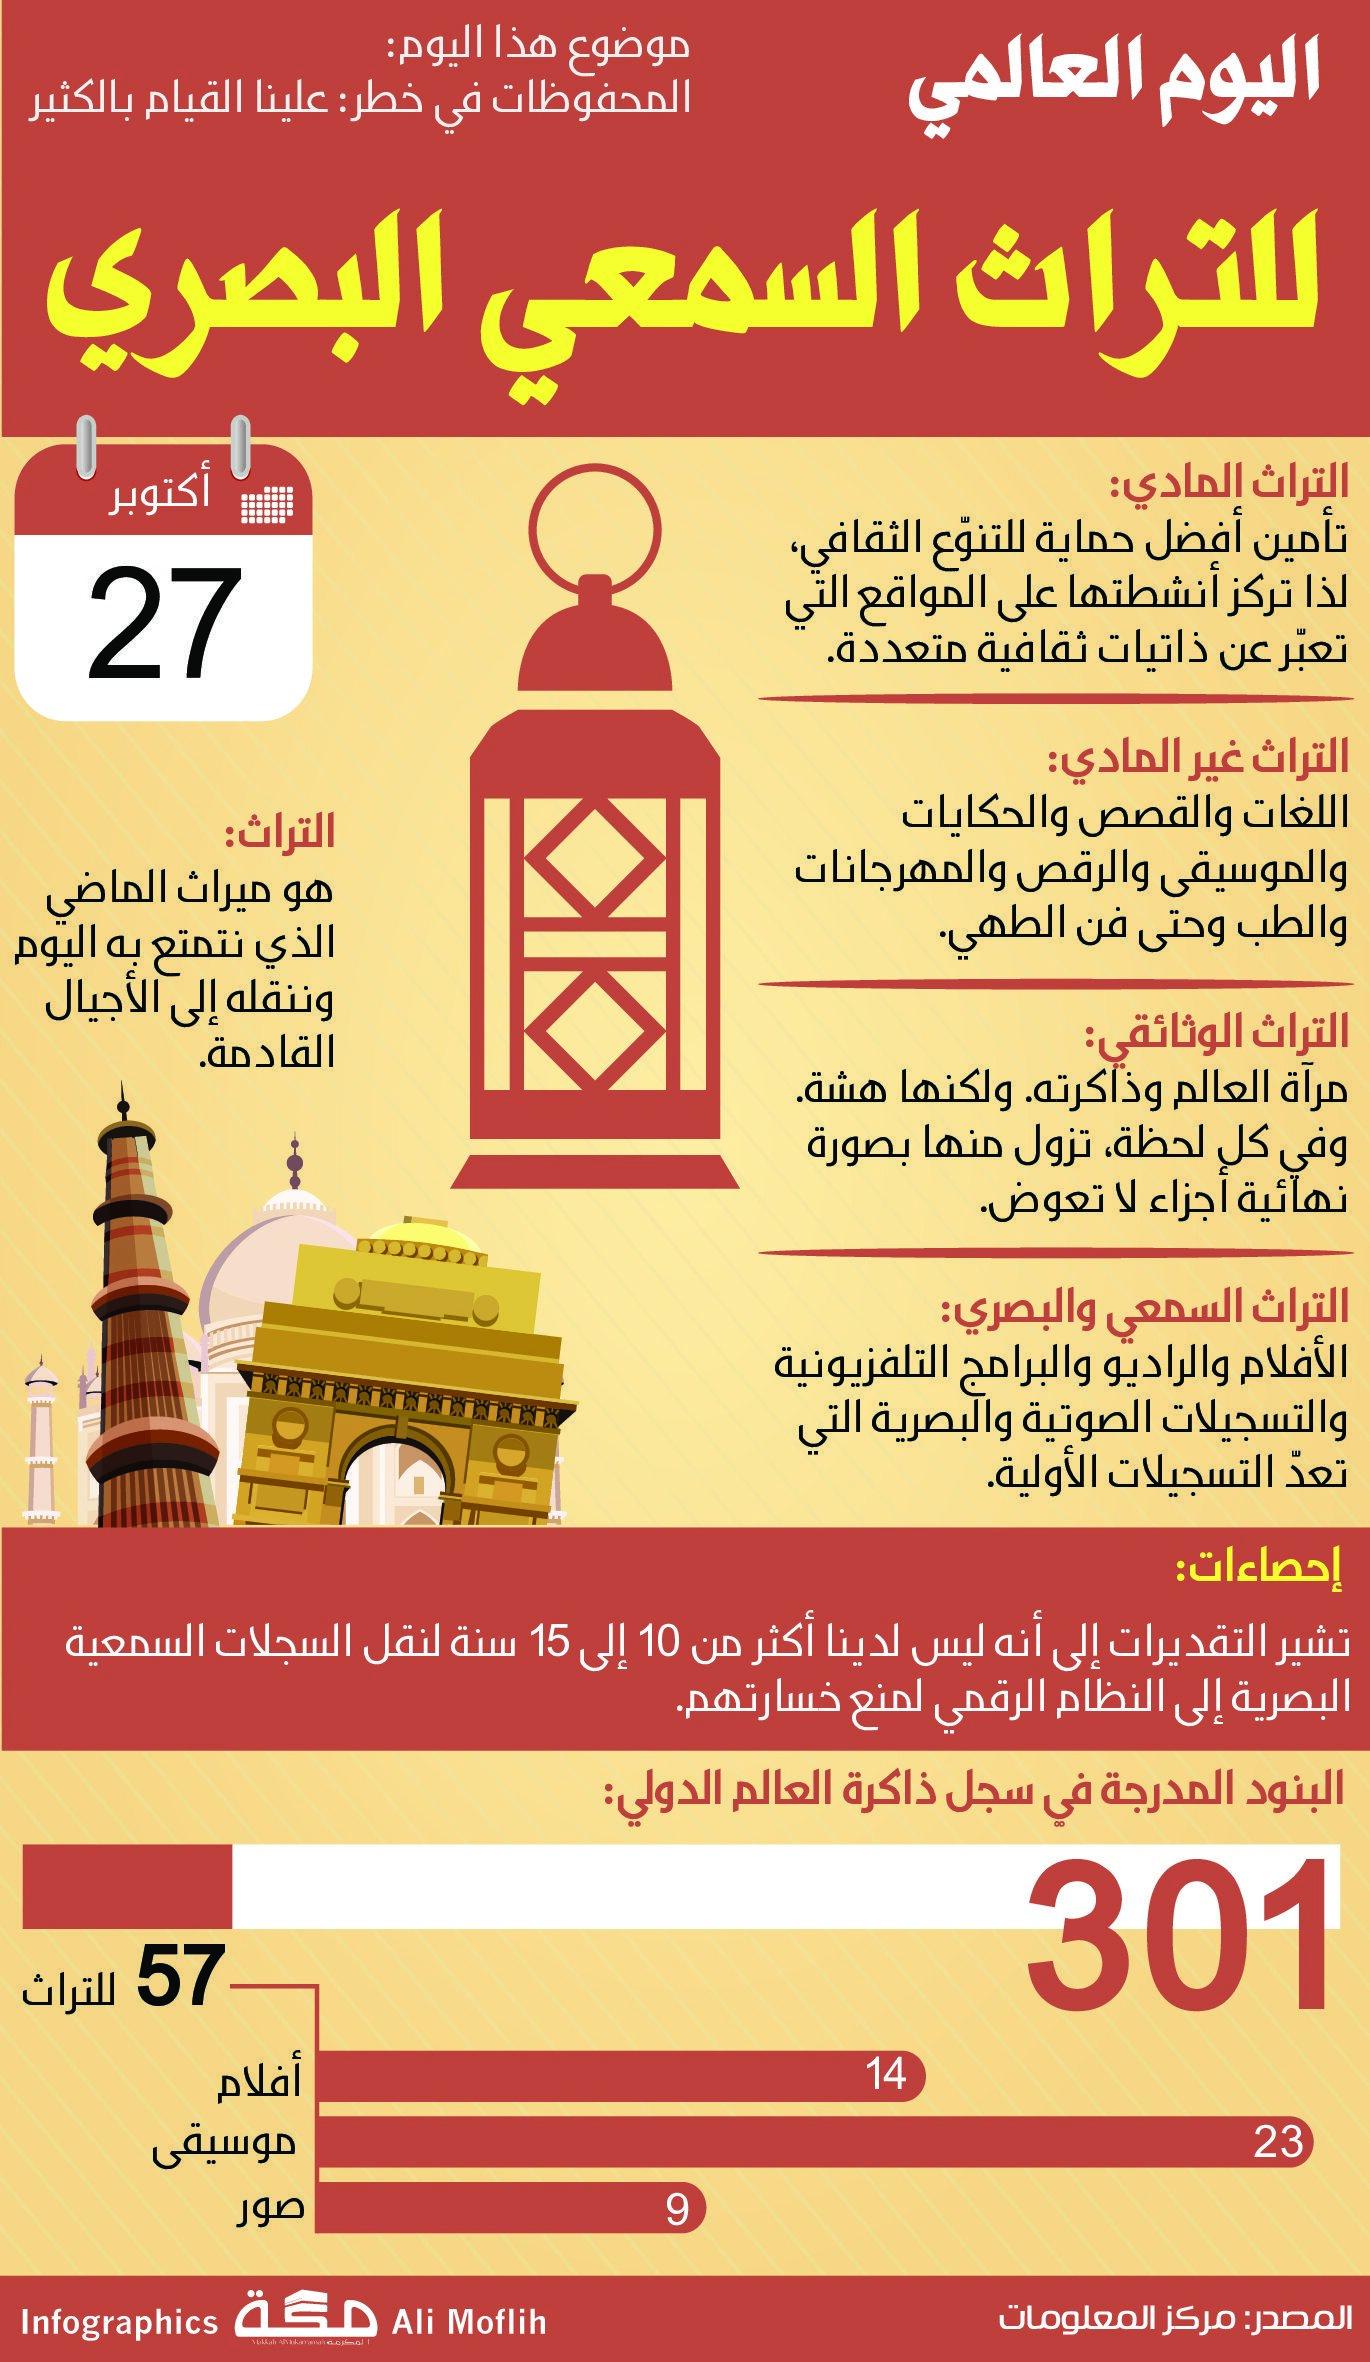 27 أكتوبر اليوم العالمي للتراث السمعي البصري صحيفةـمكة انفوجرافيك الأيام العالمية Makkah Infographic